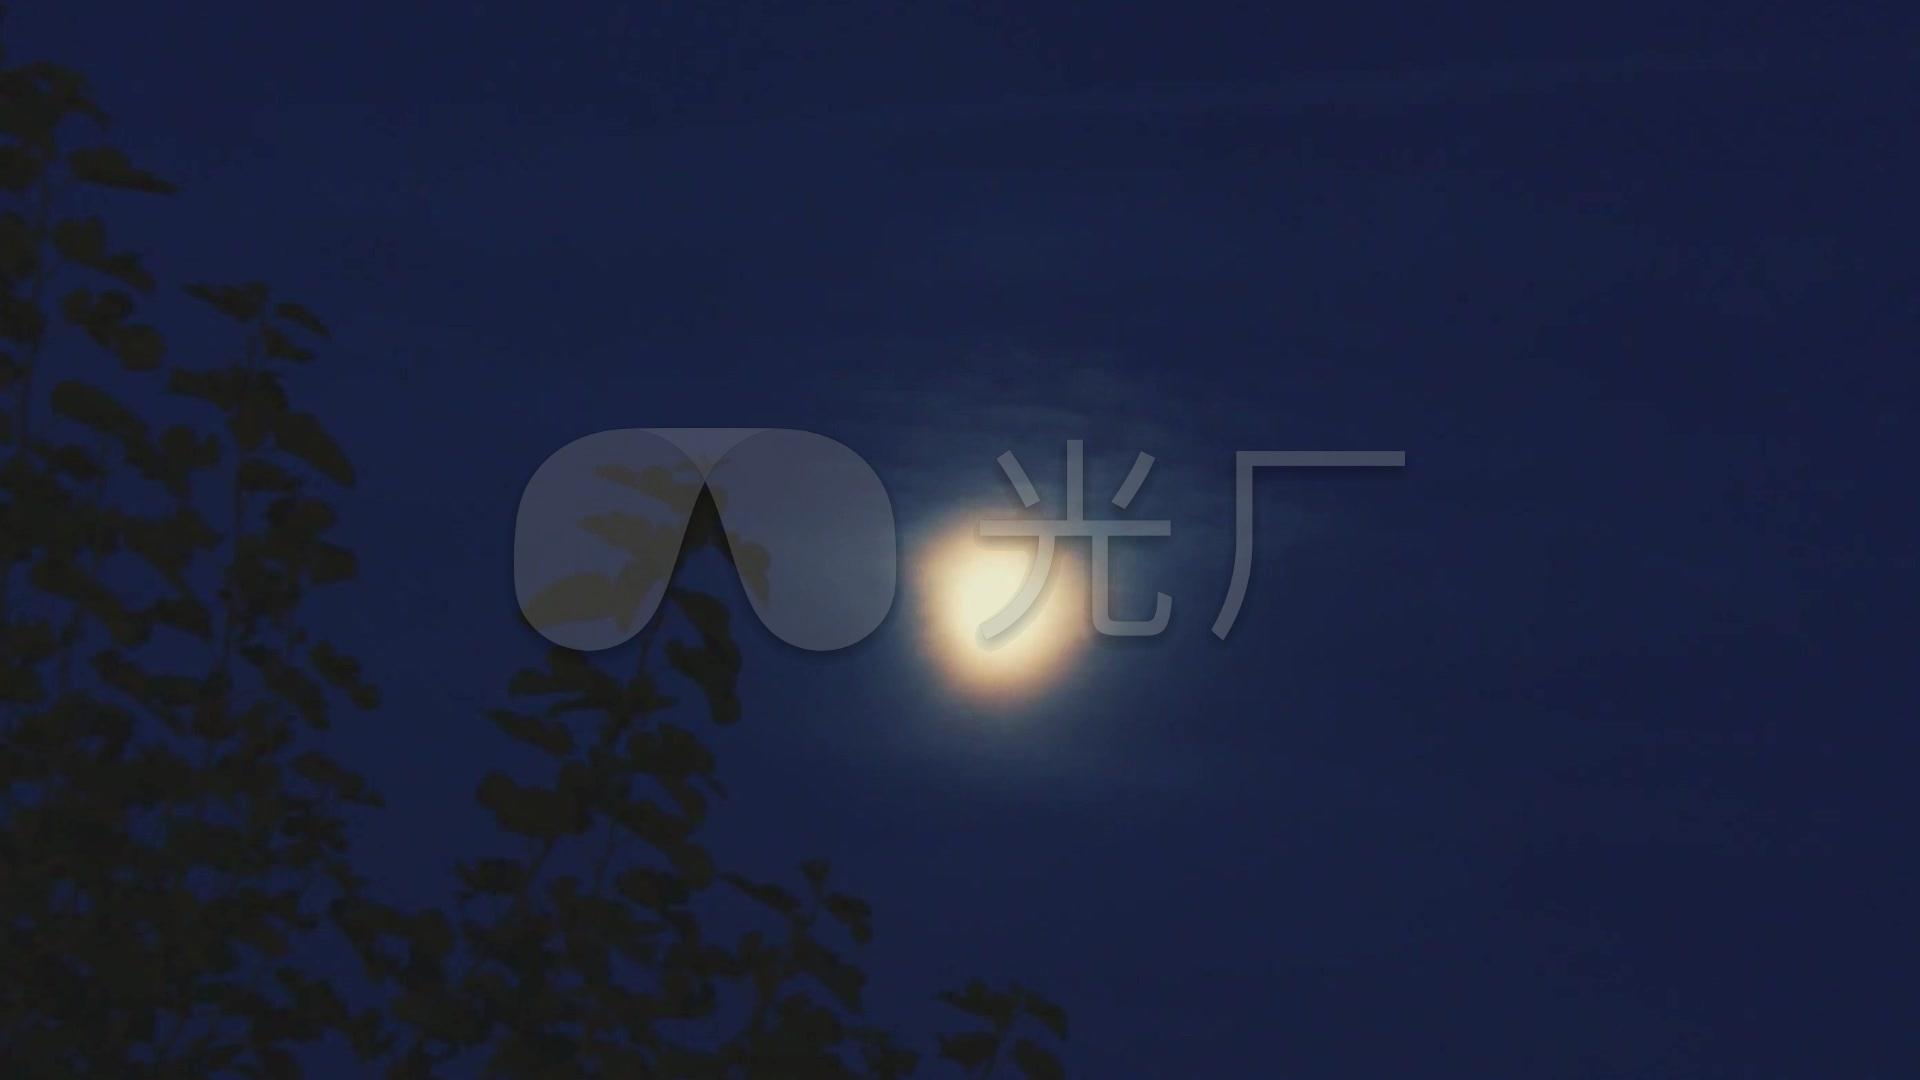 夜晚夜空月亮出现月亮高挂月圆之夜夜晚天空_1920x